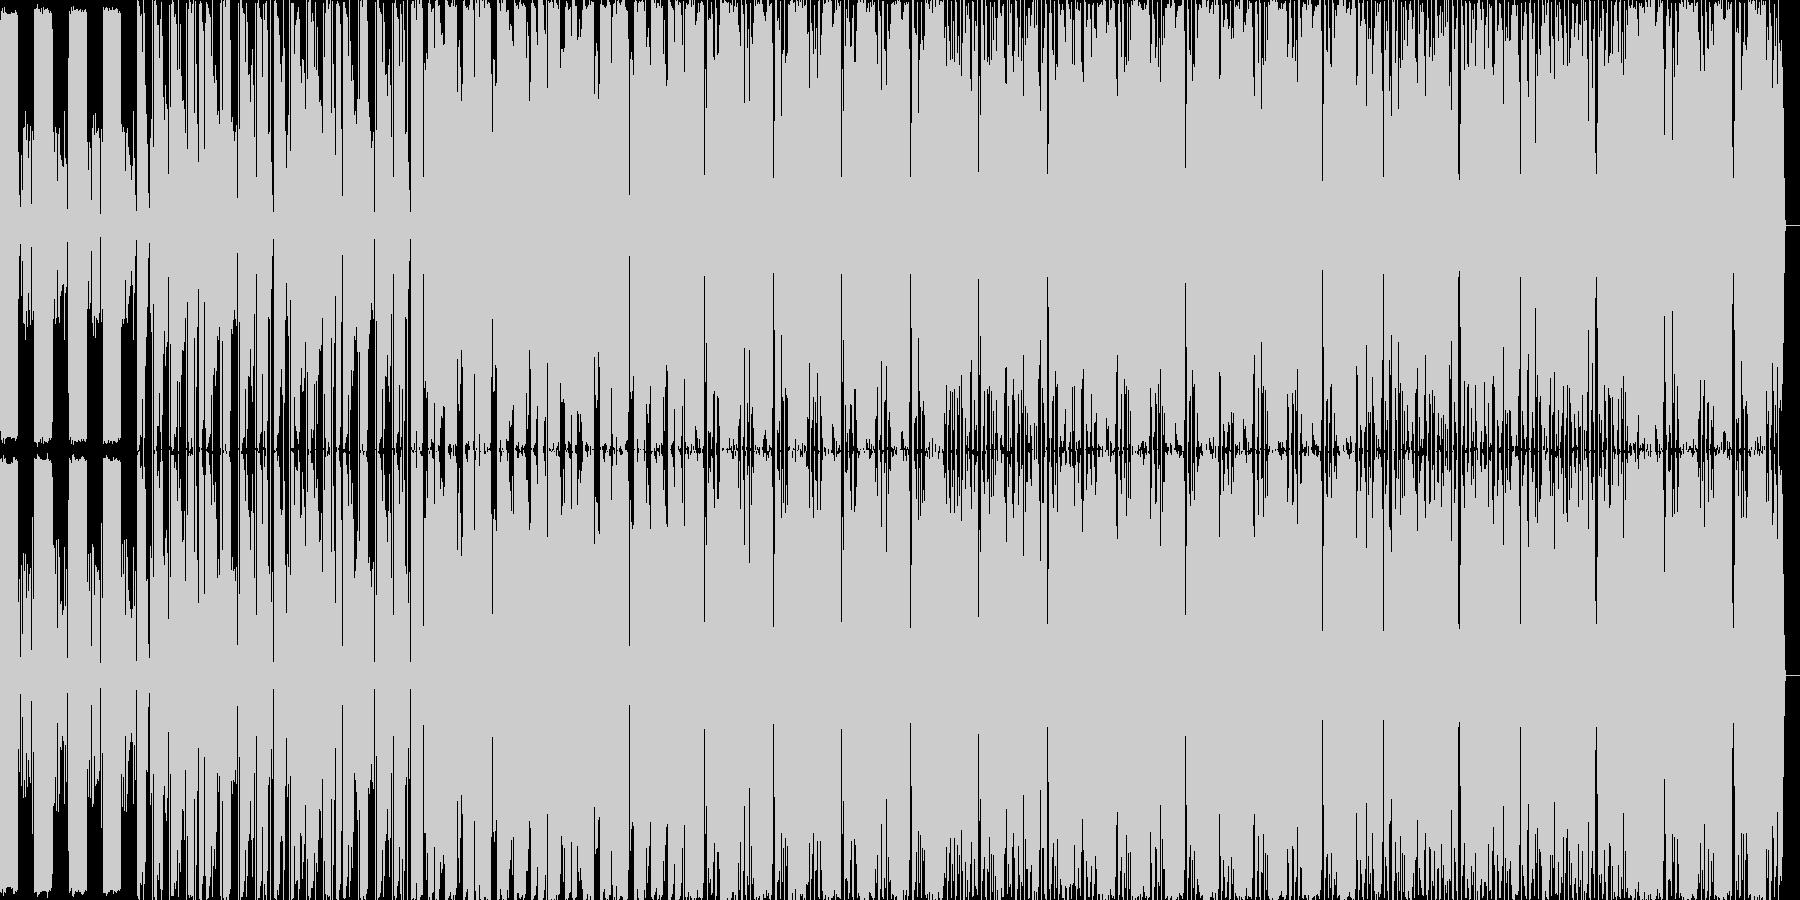 軽快なテクノ曲ですの未再生の波形